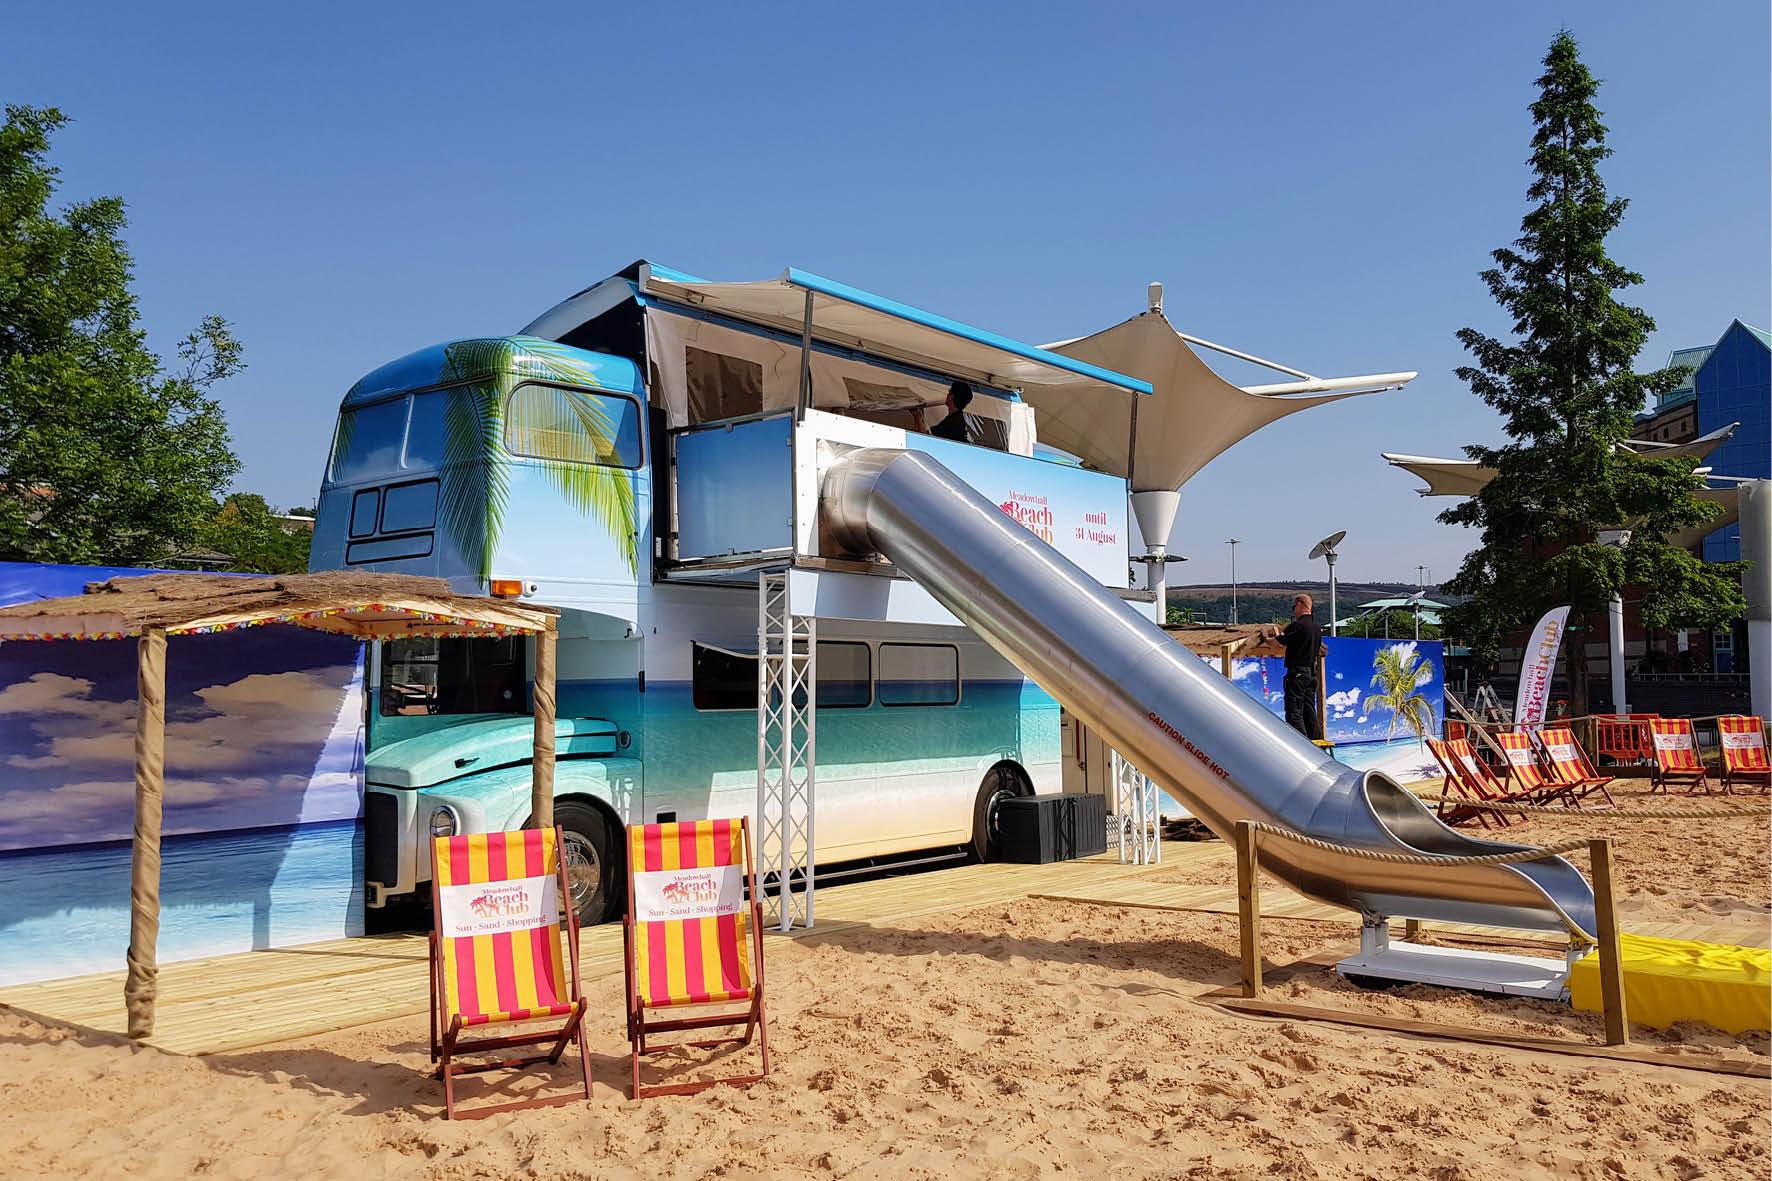 bus_business_meadowhall_beach_club_7.jpg